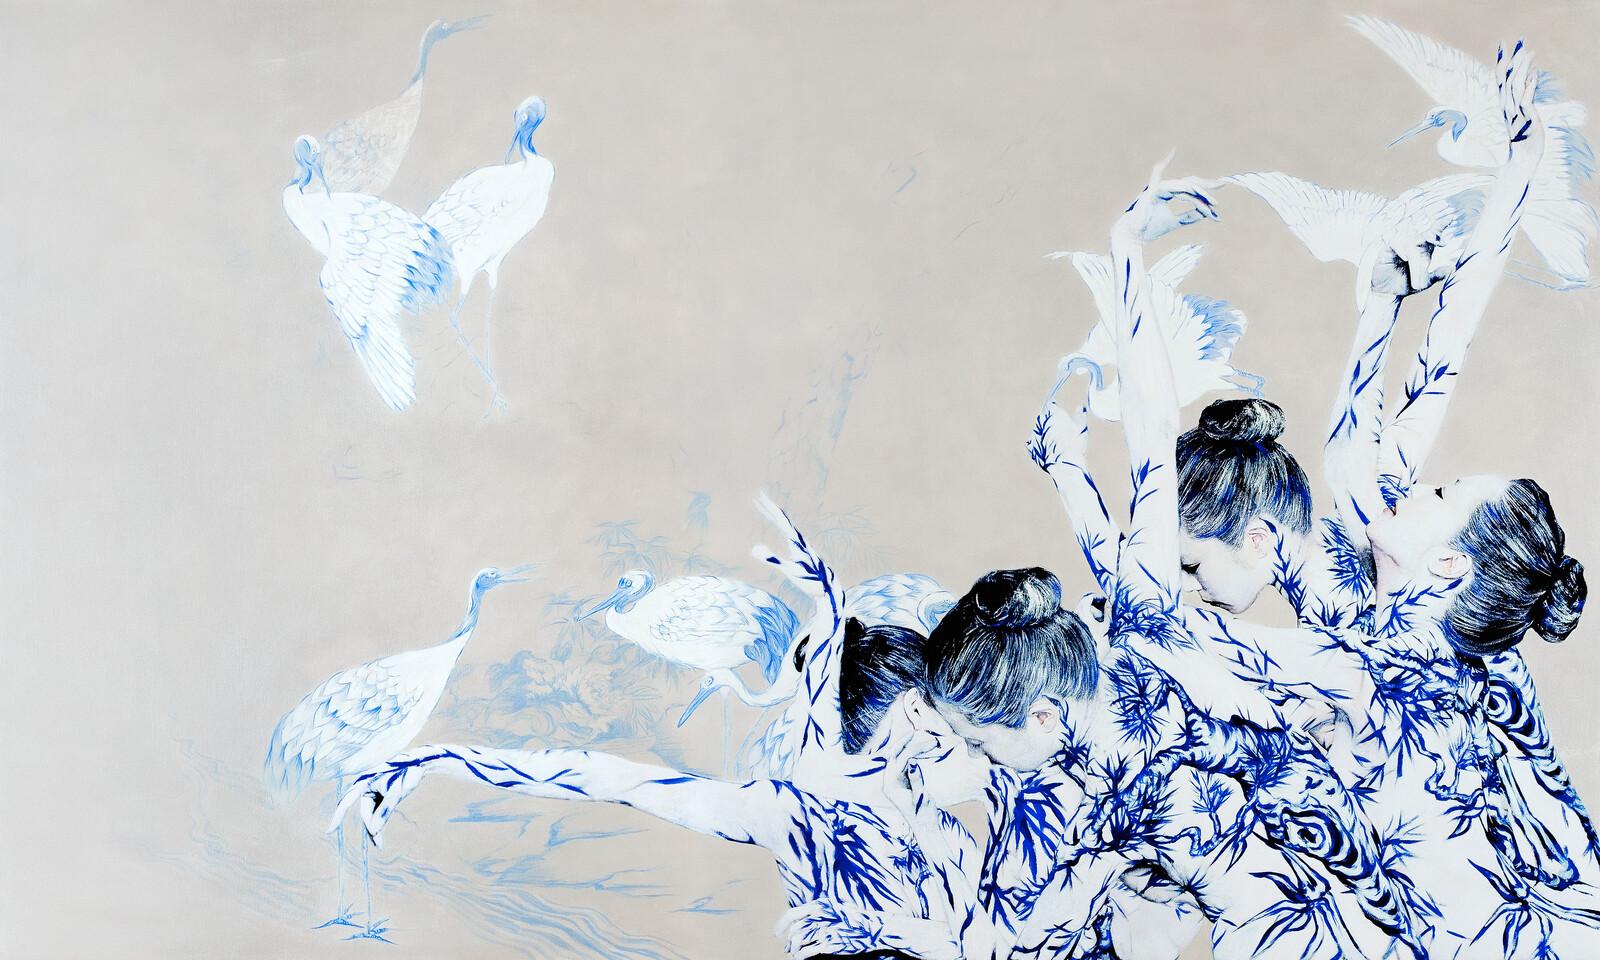 Blue White Porcelain 05 - Dallae Bae